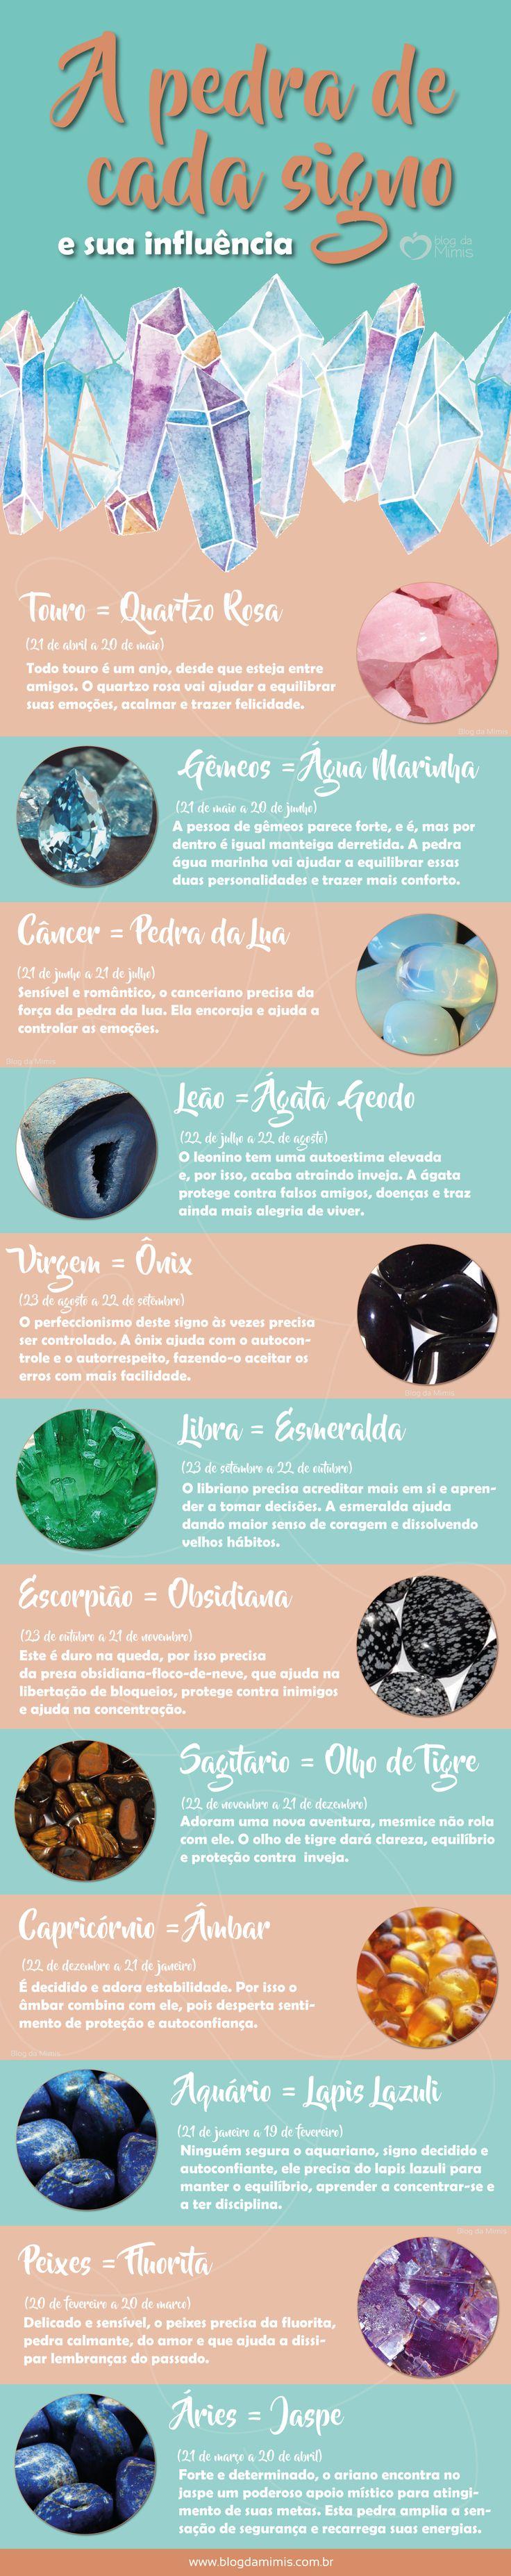 Cada signo tem uma pedra especial, que o influencia de maneira única. Seu poder é real e positivo, ele ajuda a lembrar de nossas verdadeiras capacidades e qualidades, fazendo agirmos da forma que realmente queremos ou precisamos. A pedra do…